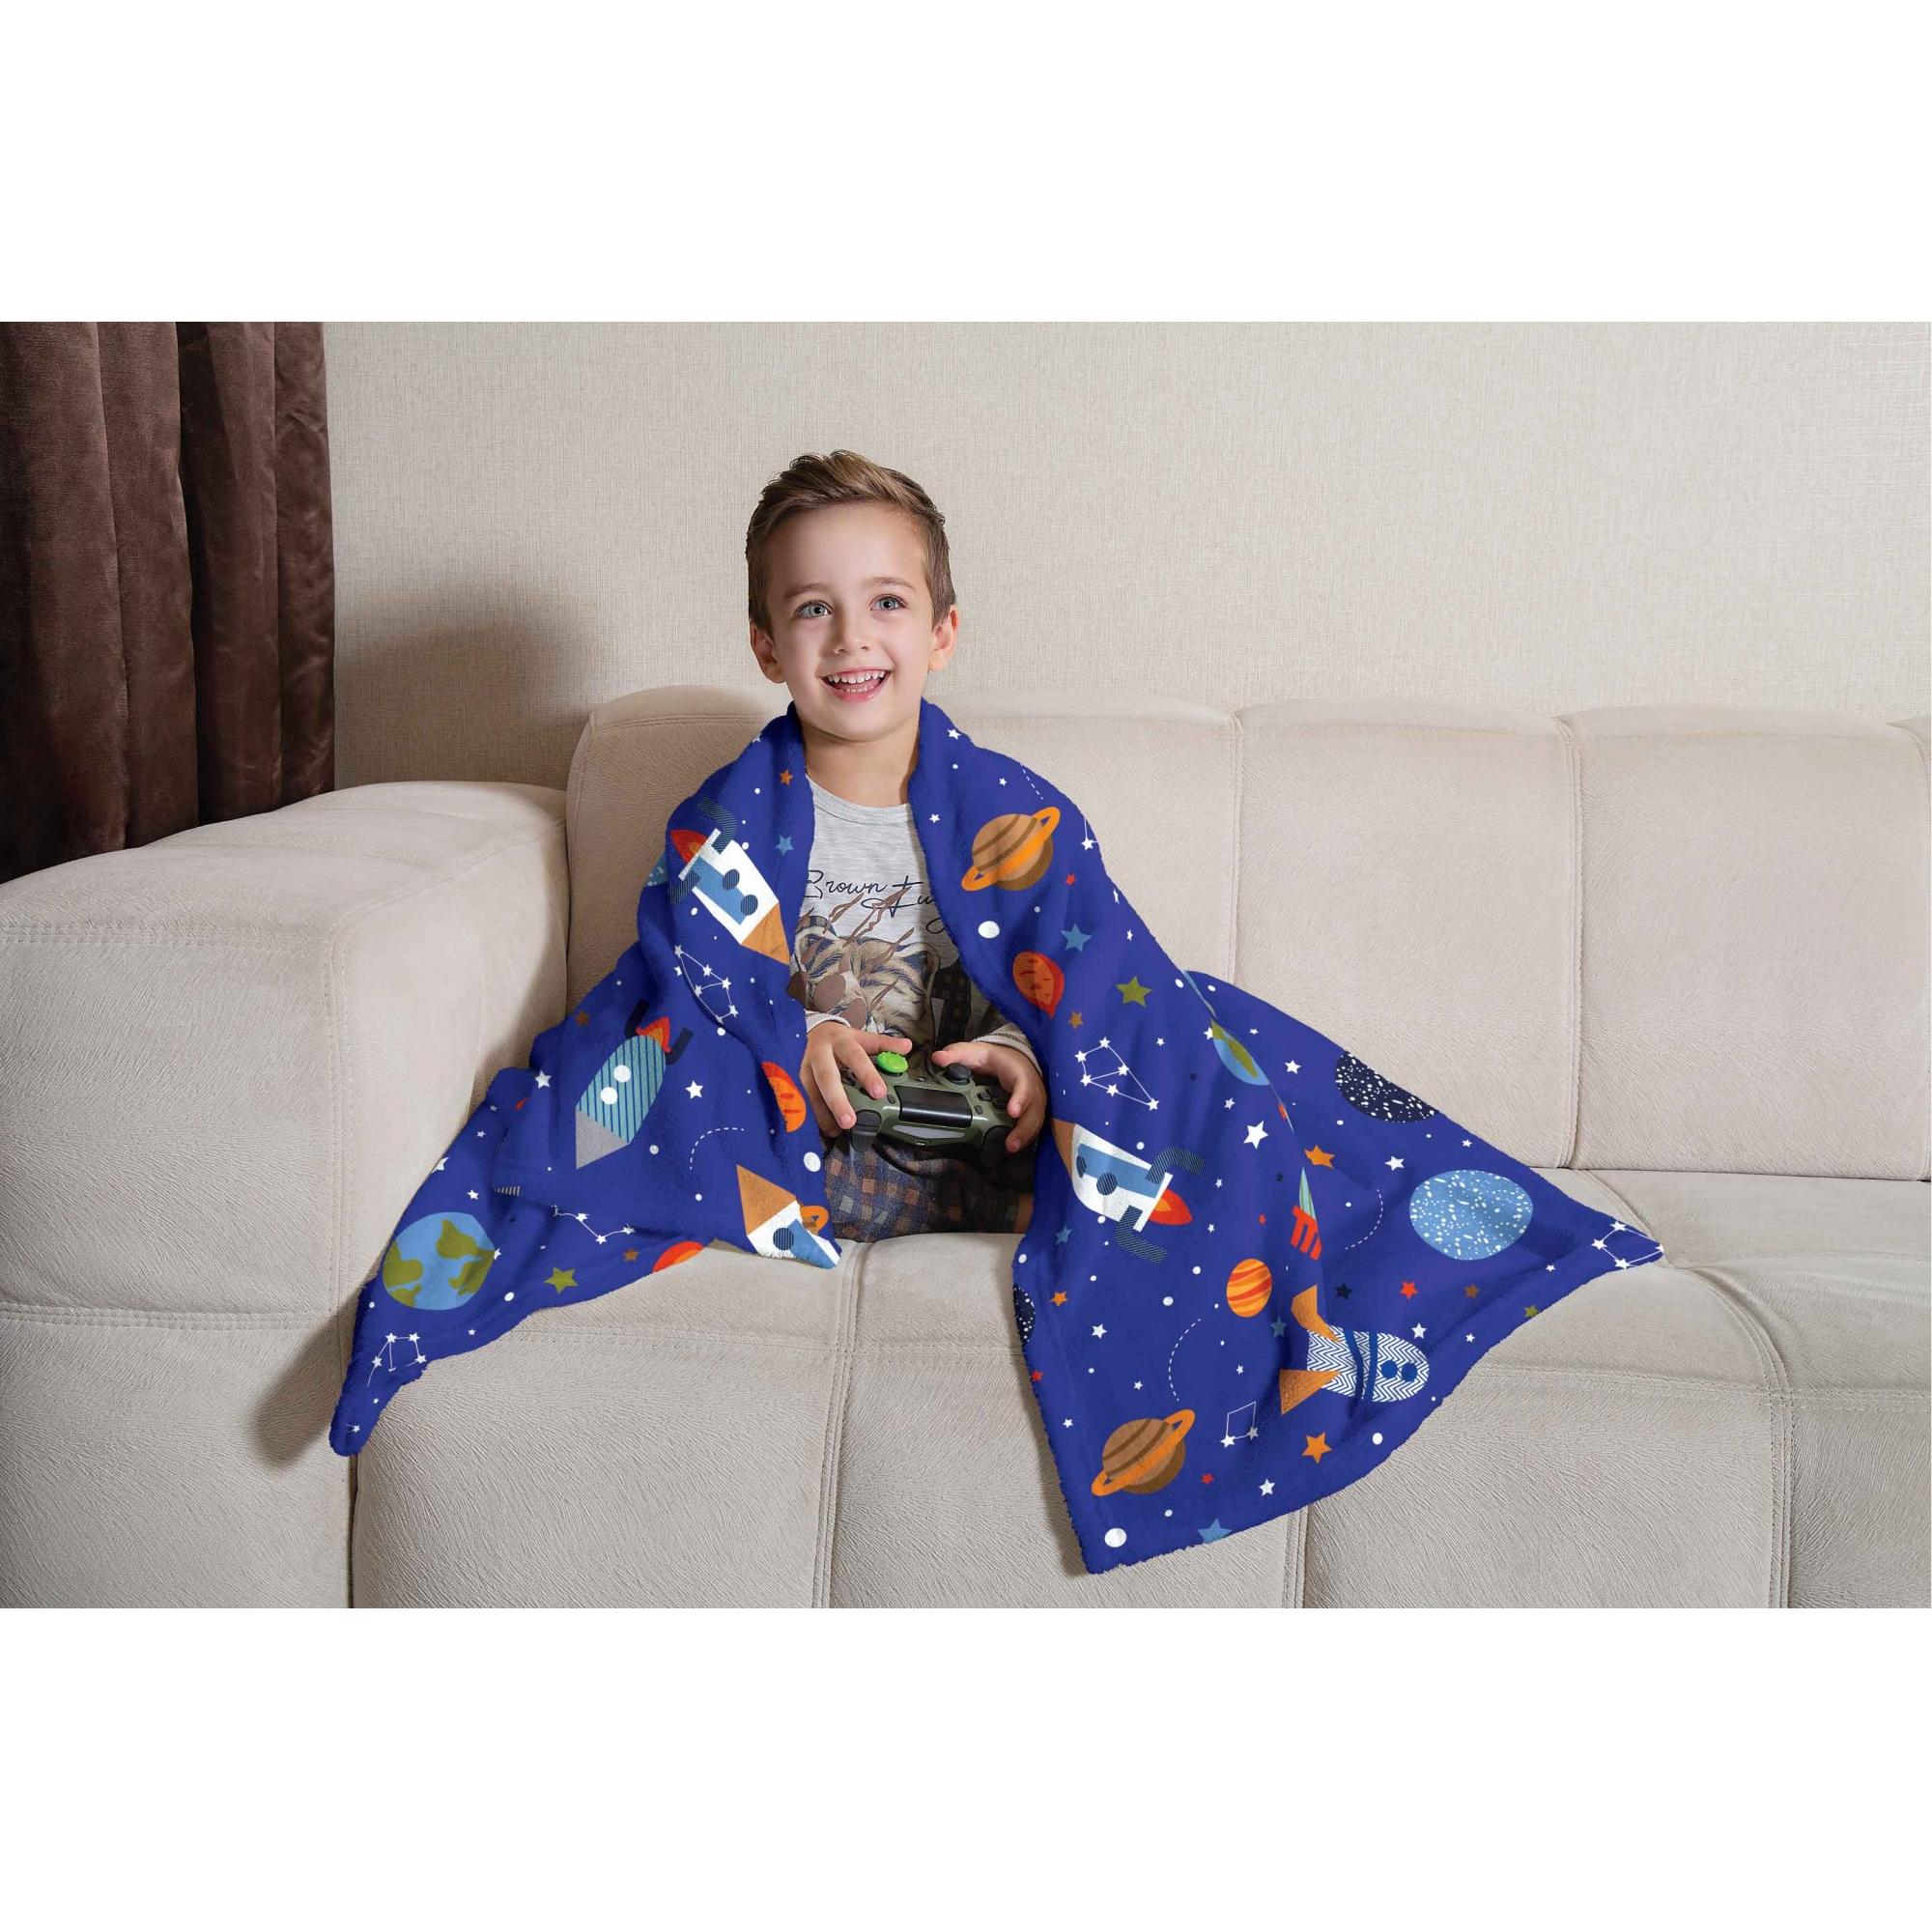 Manta de Sofá Foguete Fleece Espaço Divertido 1,25X1,50m Lepper